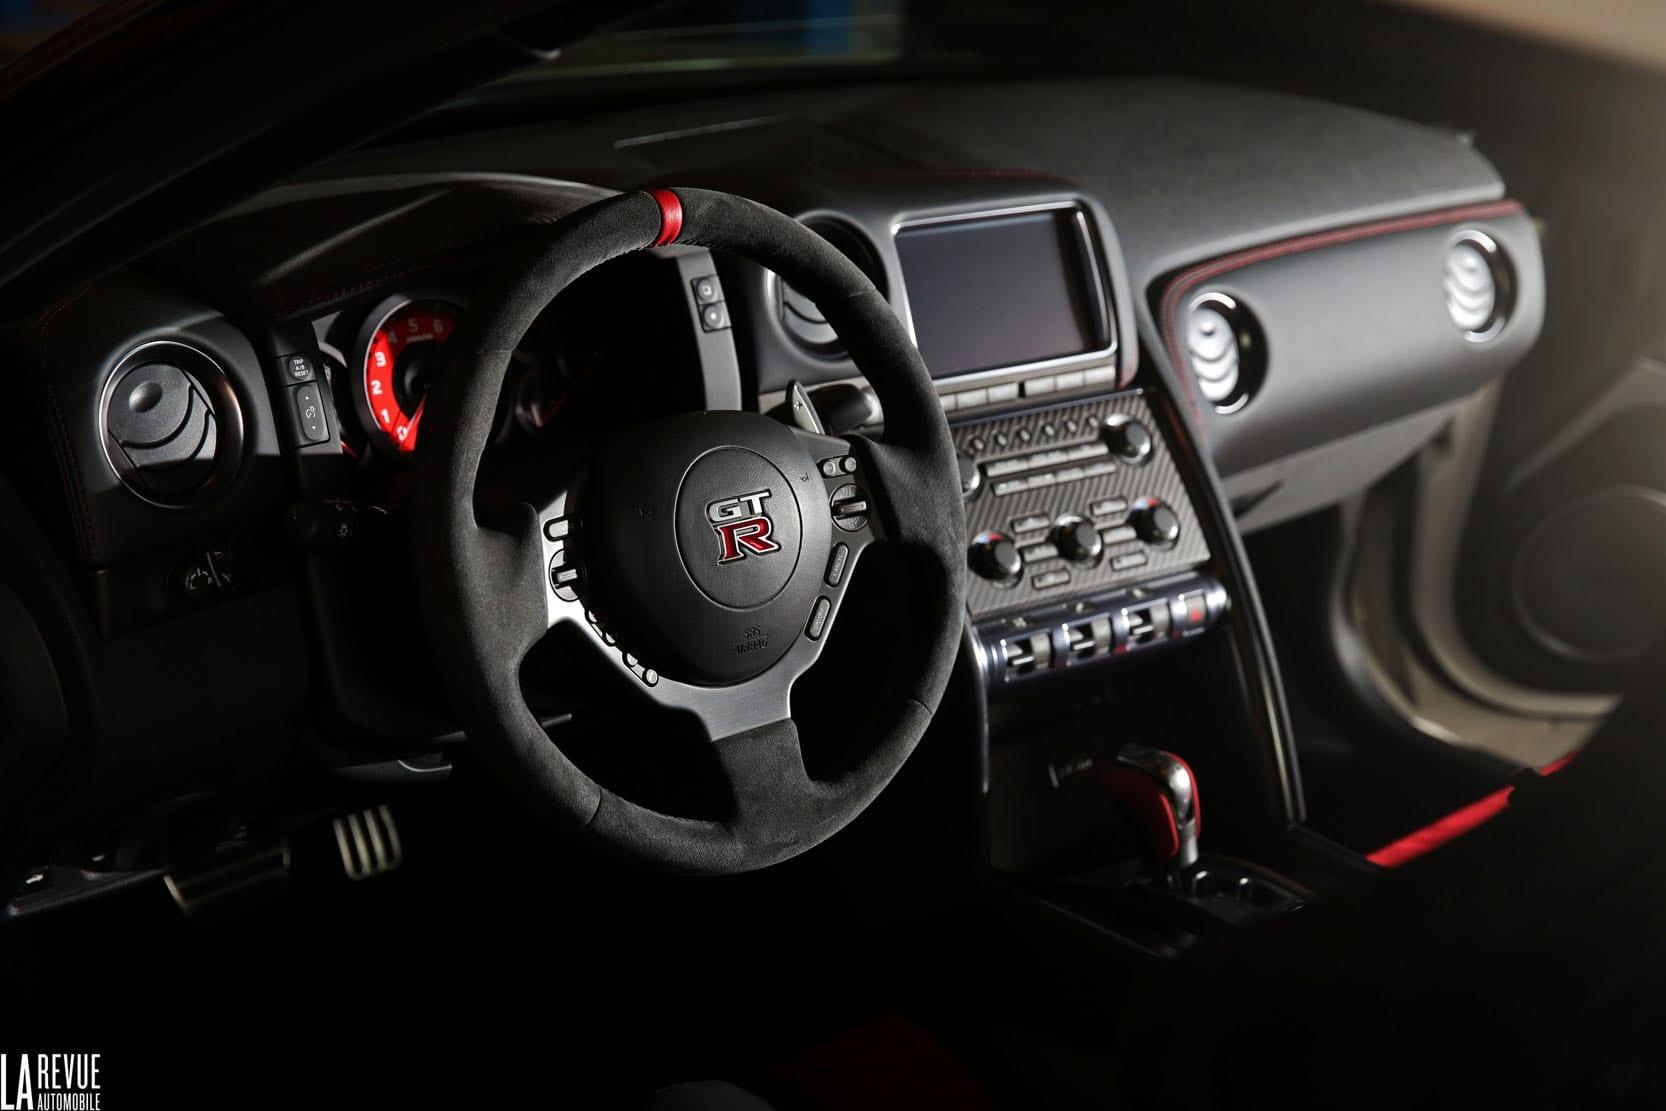 Location Nissan GTR. Deluxe Rental Cars est un service de location de voitures de luxe et de sport actif sur Lausanne, Montreux, Genève, Sion, Fribourg, Neuchâtel.